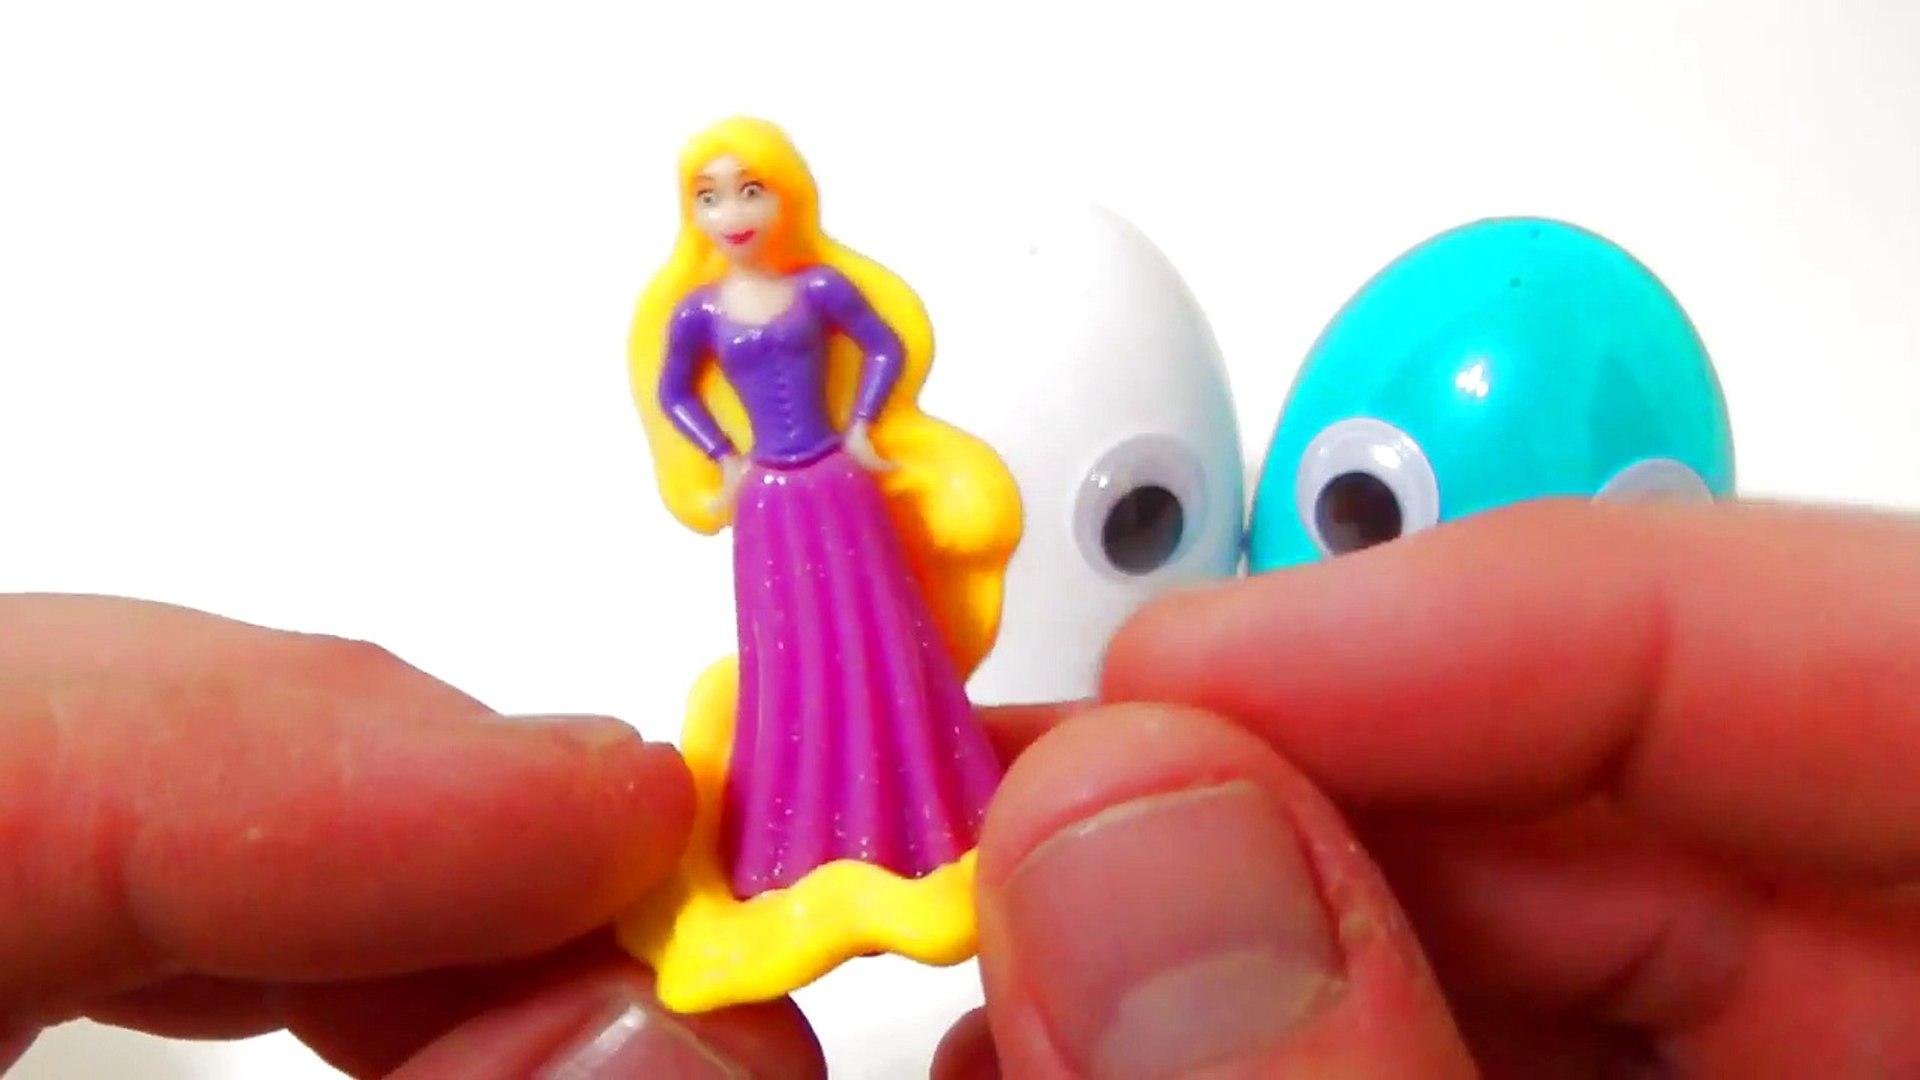 Дети раскраска Яйца для к к к к к к обучение человек-паук